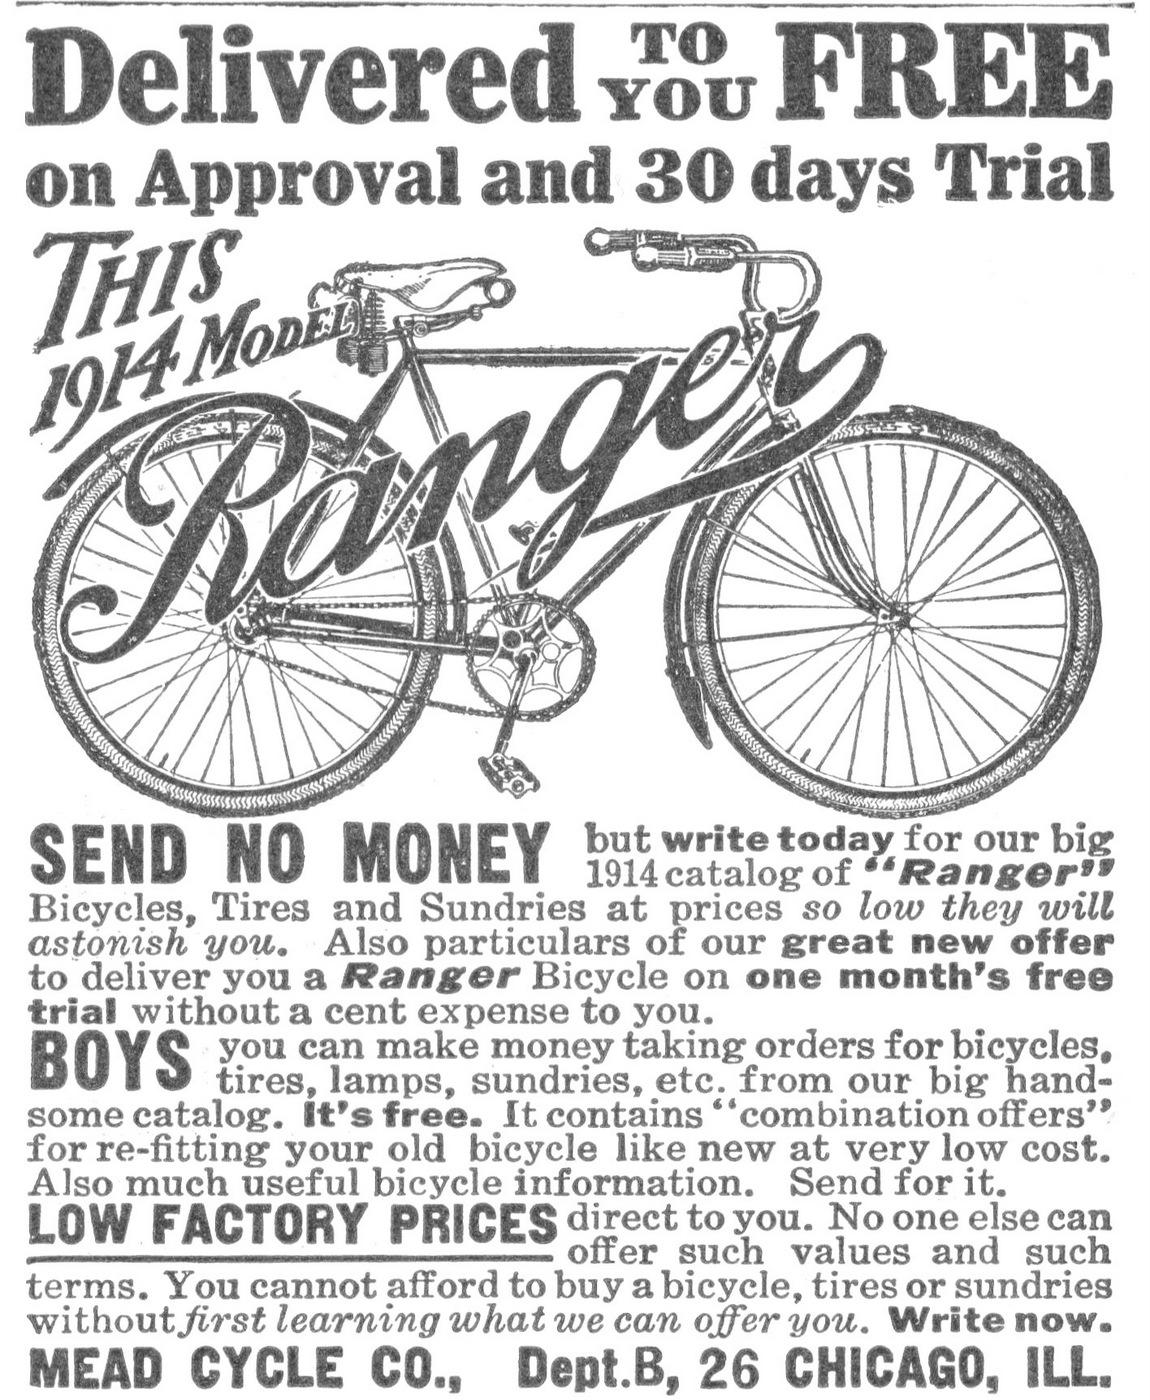 mead-ranger-model-bicycle-1.jpg